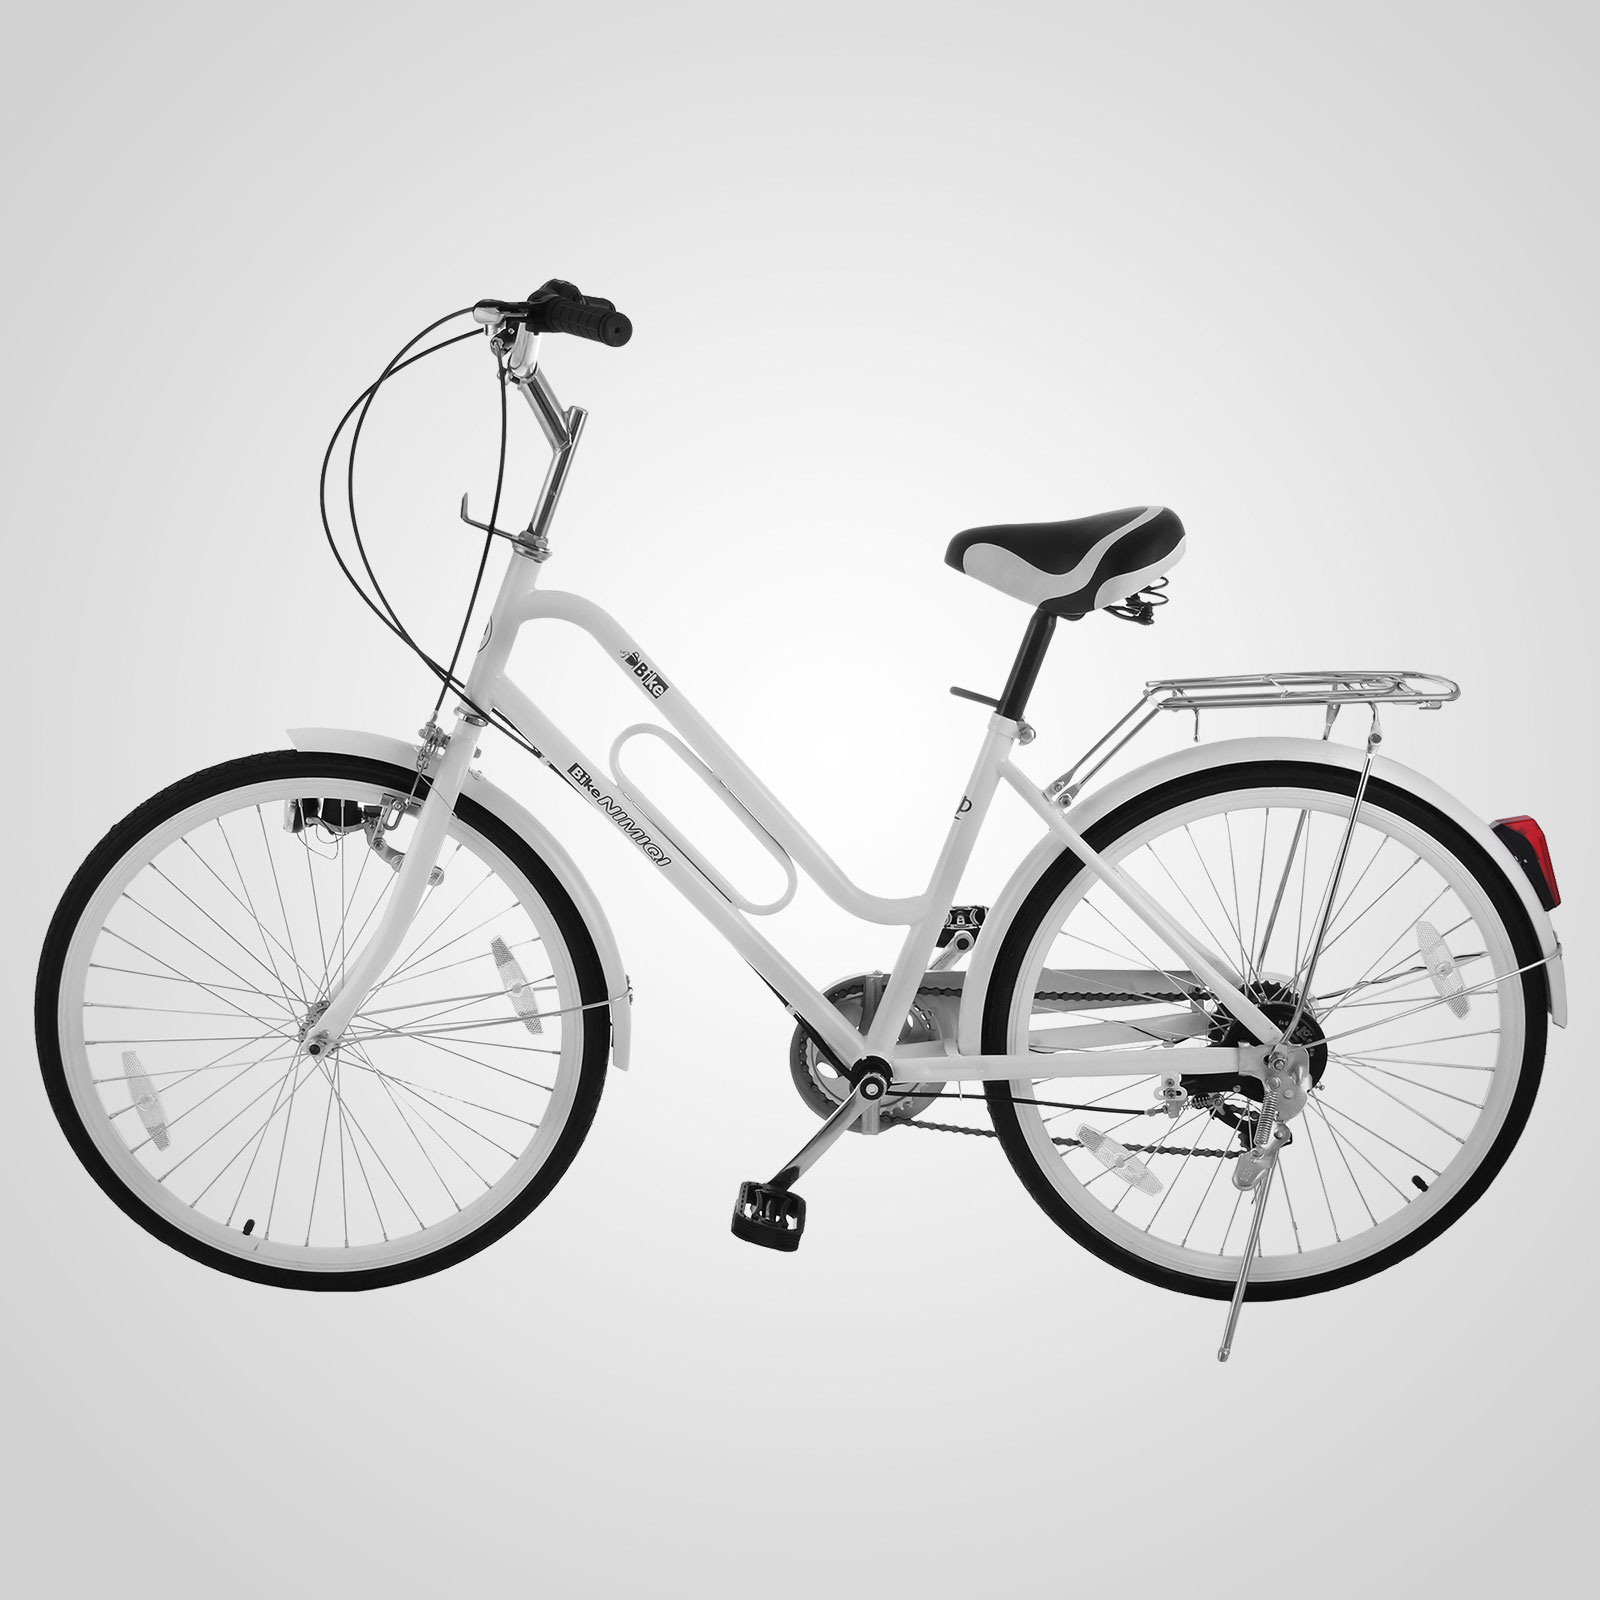 24 zoll stadt fahrrad kinderfahrrad 6 gang damen. Black Bedroom Furniture Sets. Home Design Ideas